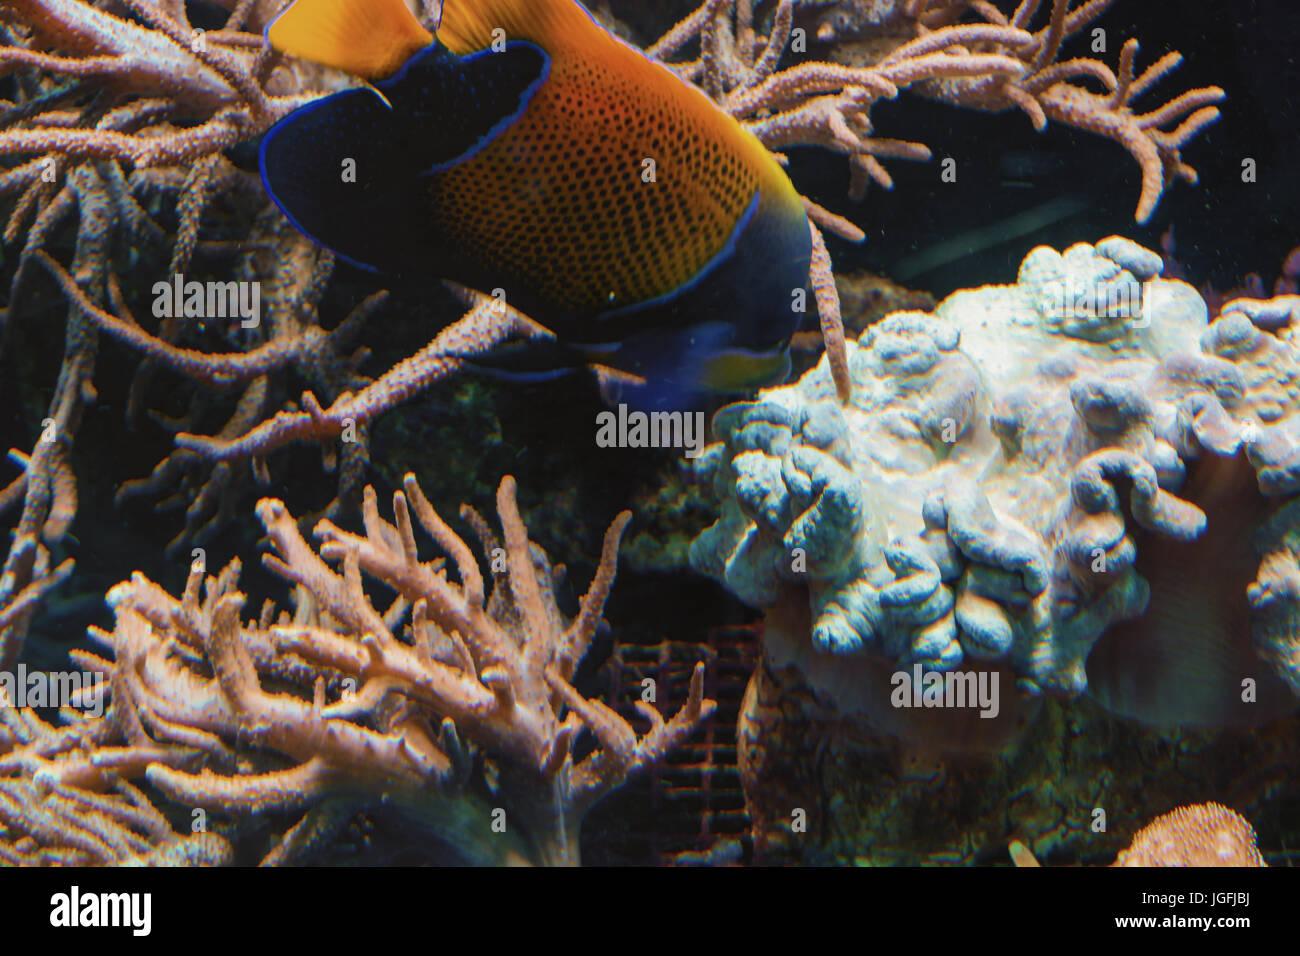 unter wasser geschossen fische in einem aquarium mit korallen und seeanemonen stockfoto bild. Black Bedroom Furniture Sets. Home Design Ideas